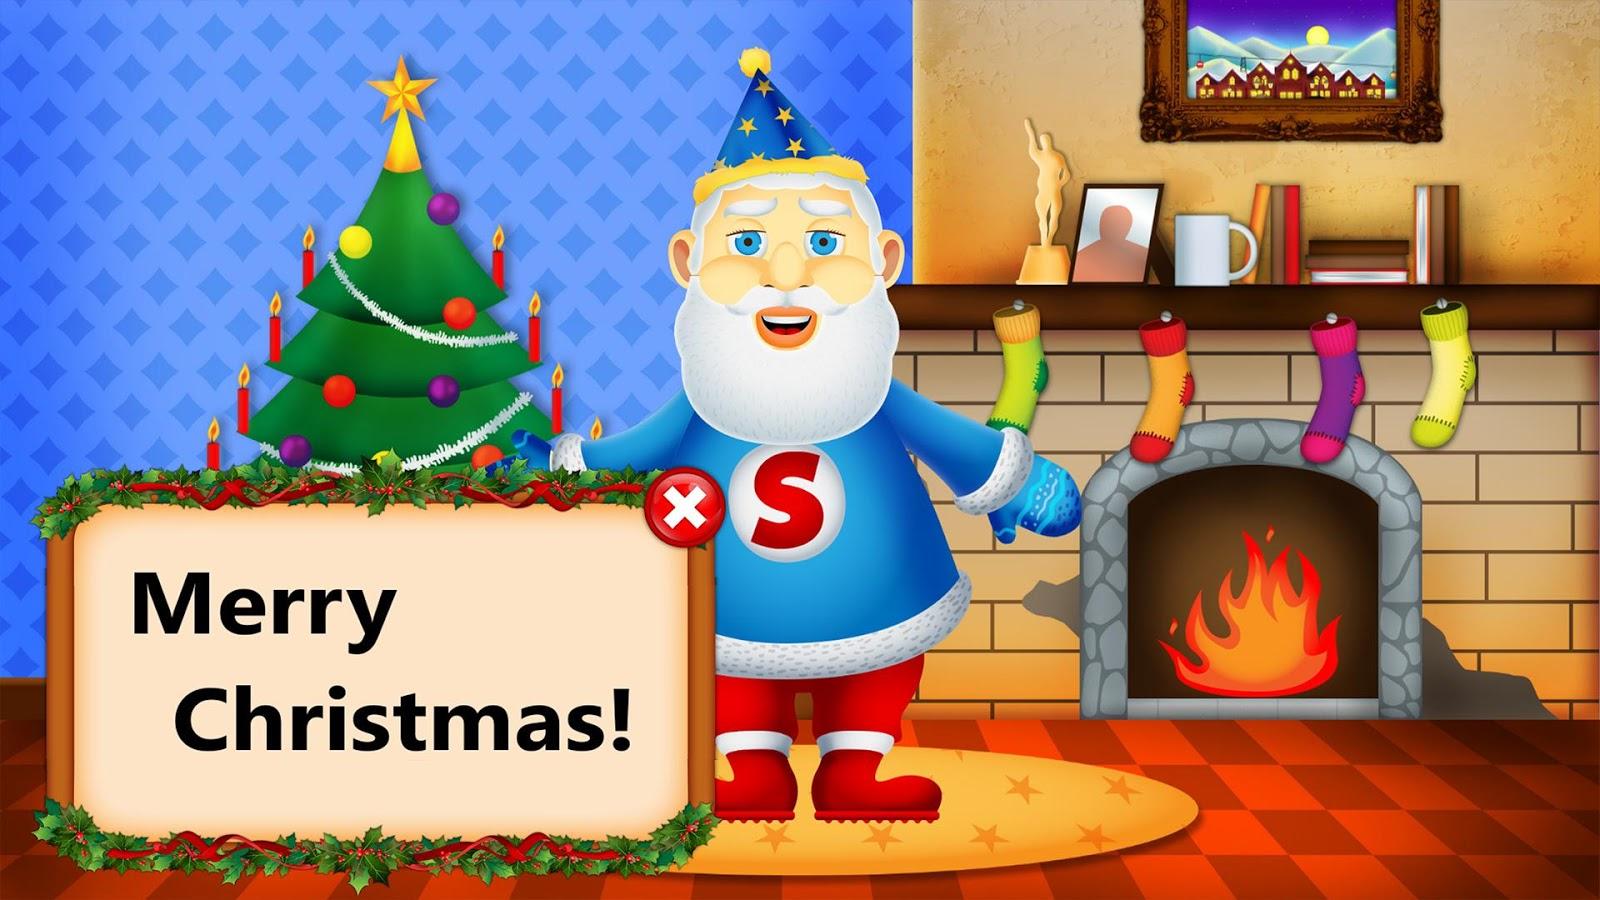 Dress up xmas games - Santa Dress Up Christmas Games Screenshot